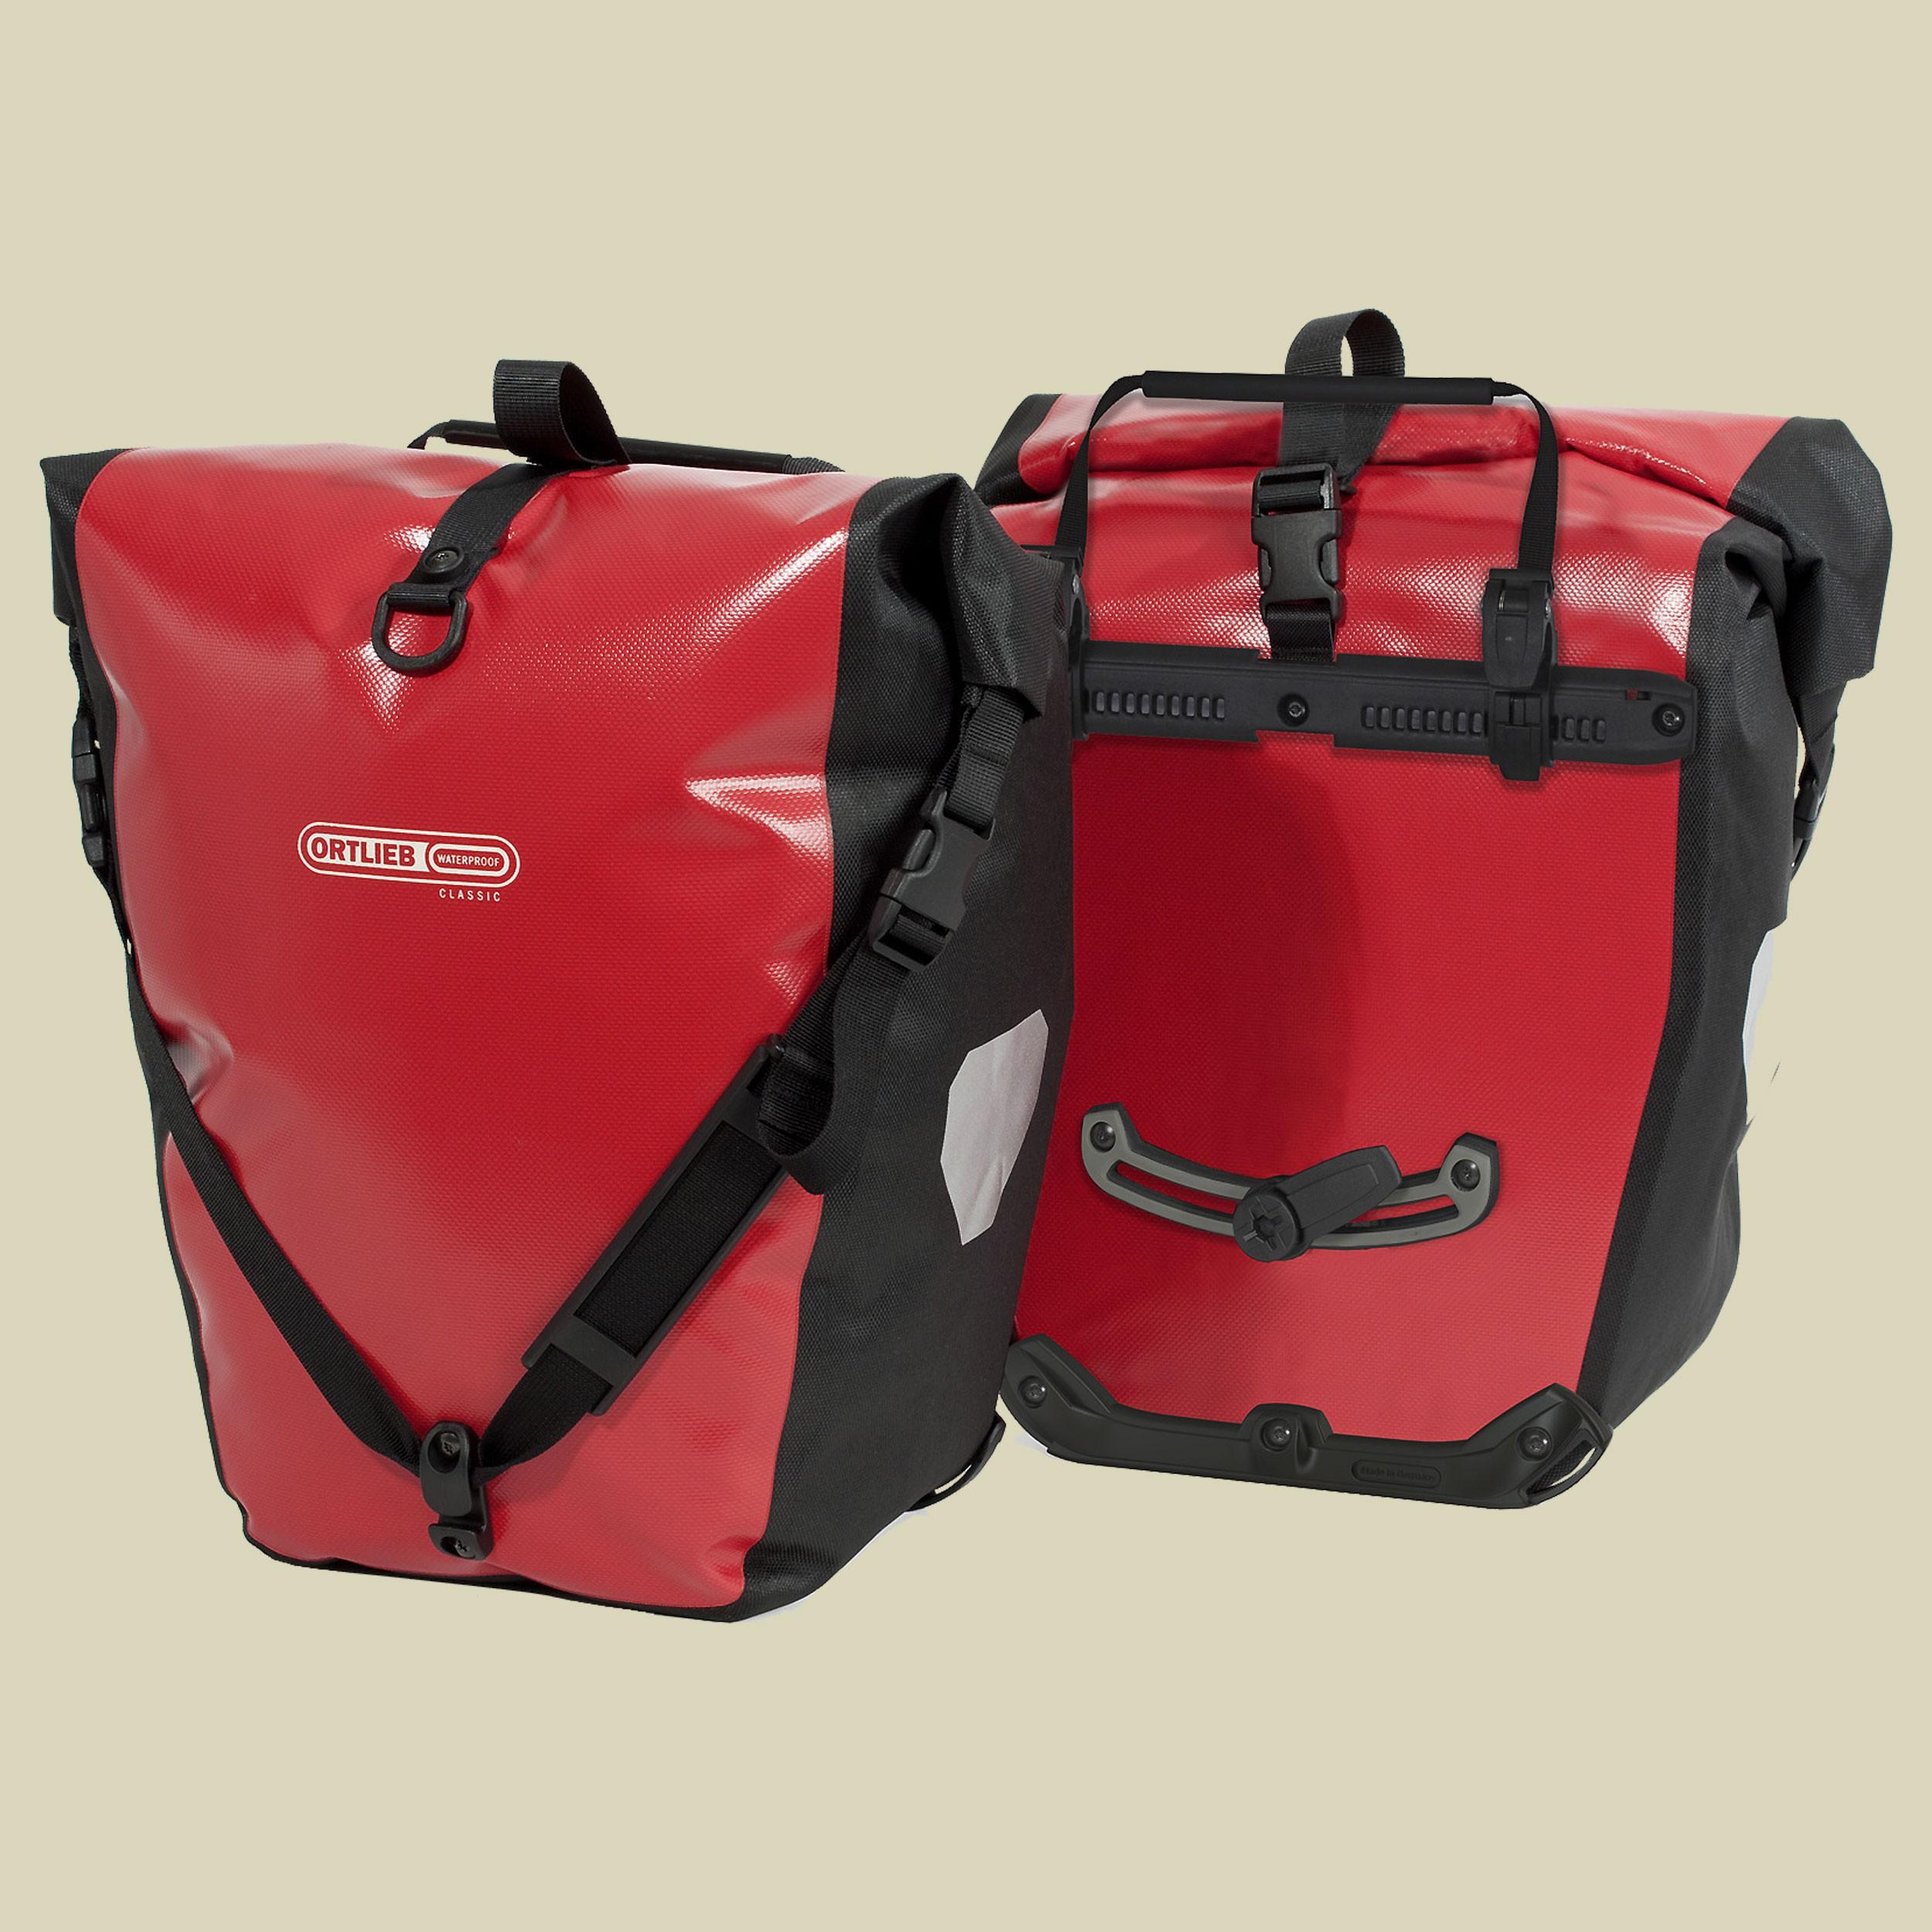 67f747667dee4 Empfehlungen von naturzeit Back-Roller Classic QL2.1.  ortlieb backroller classic f5302 rot schwarz pair fallback